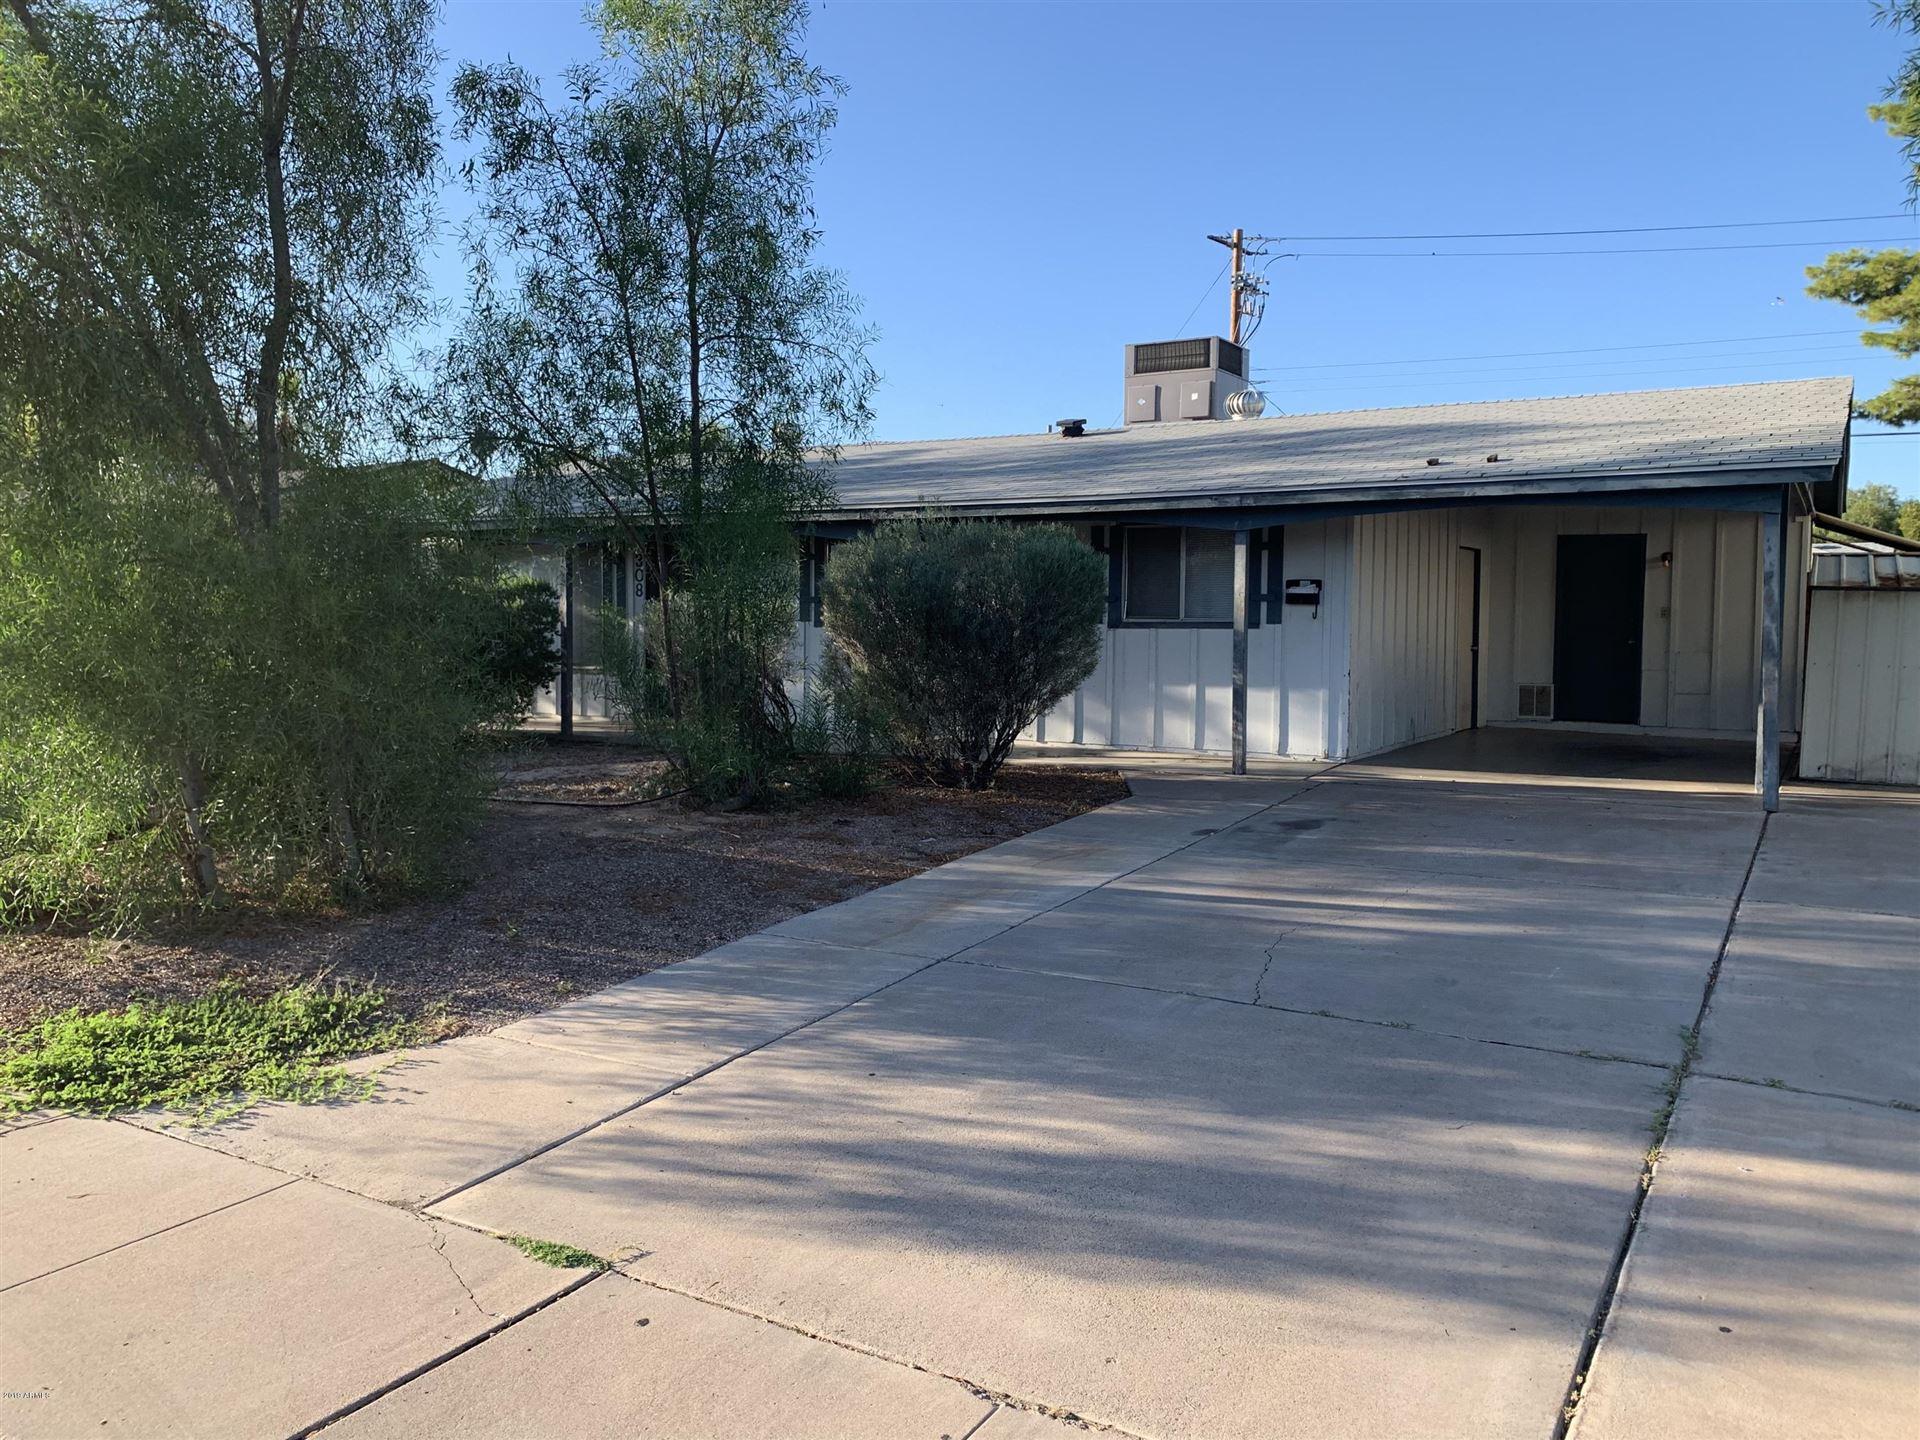 308 E TAYLOR Street, Tempe, AZ 85281 - MLS#: 5987713